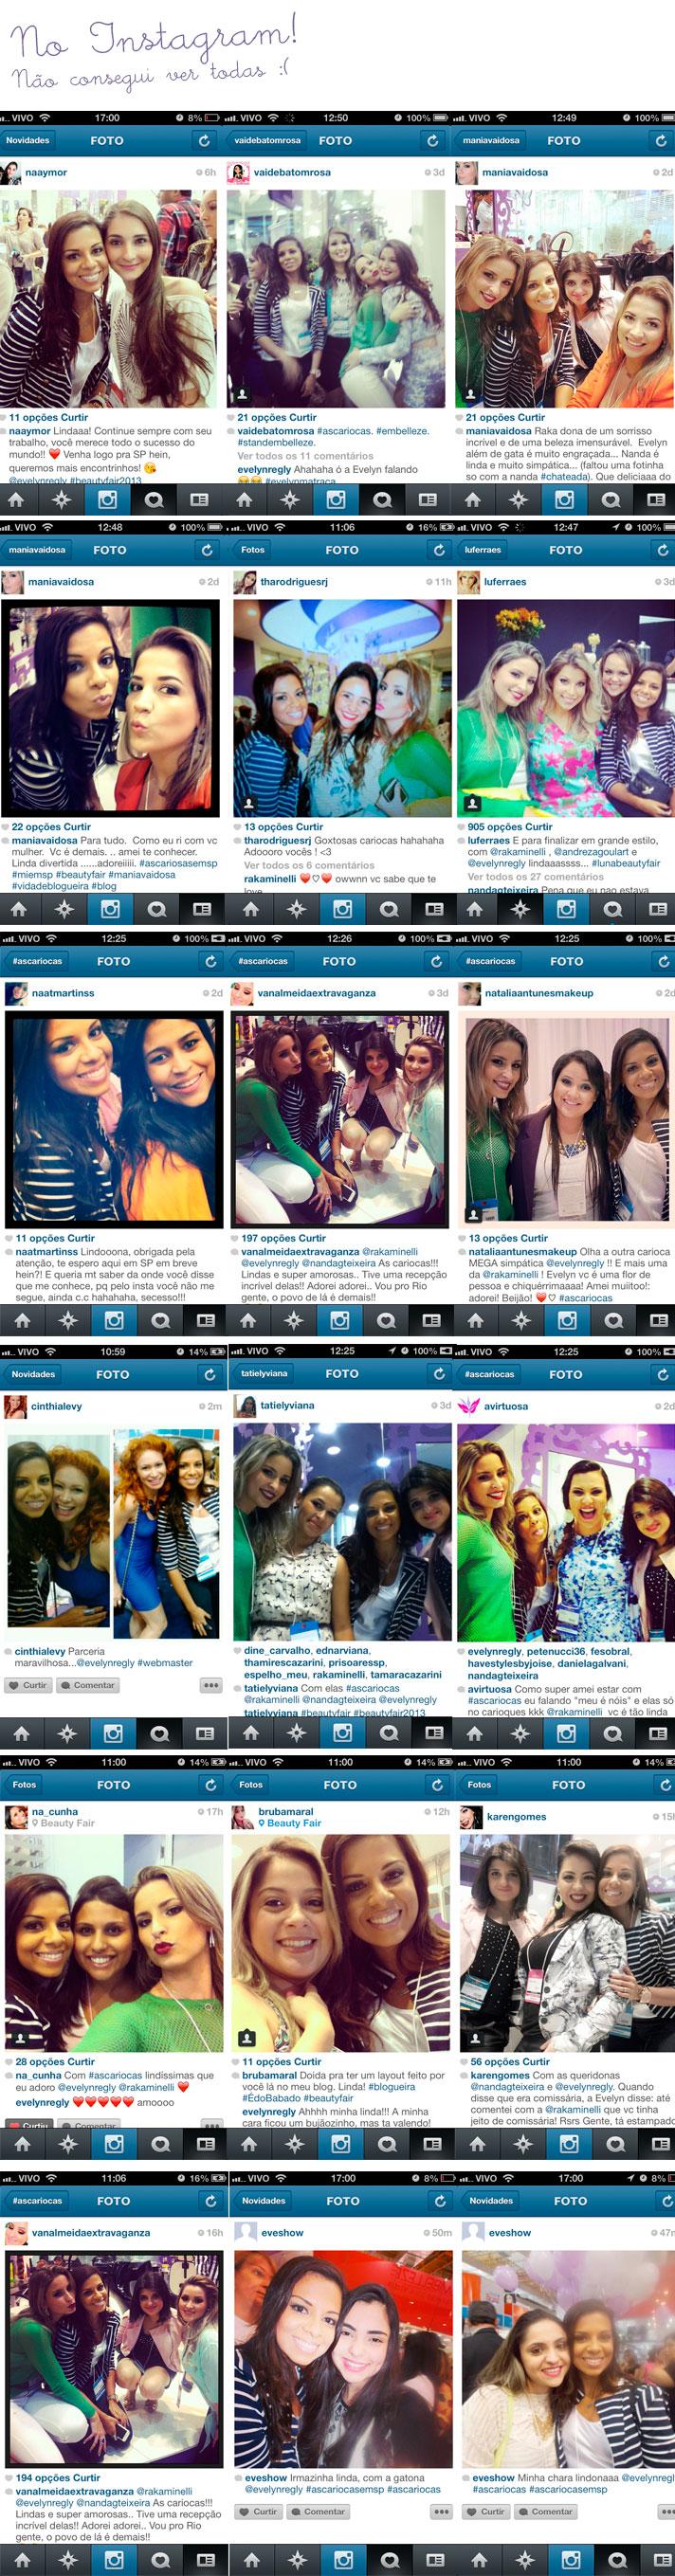 beauty_fair_2013_embelleze_raka_minelli_andreza_goular_evelyn_regly_nanda_teixeira6